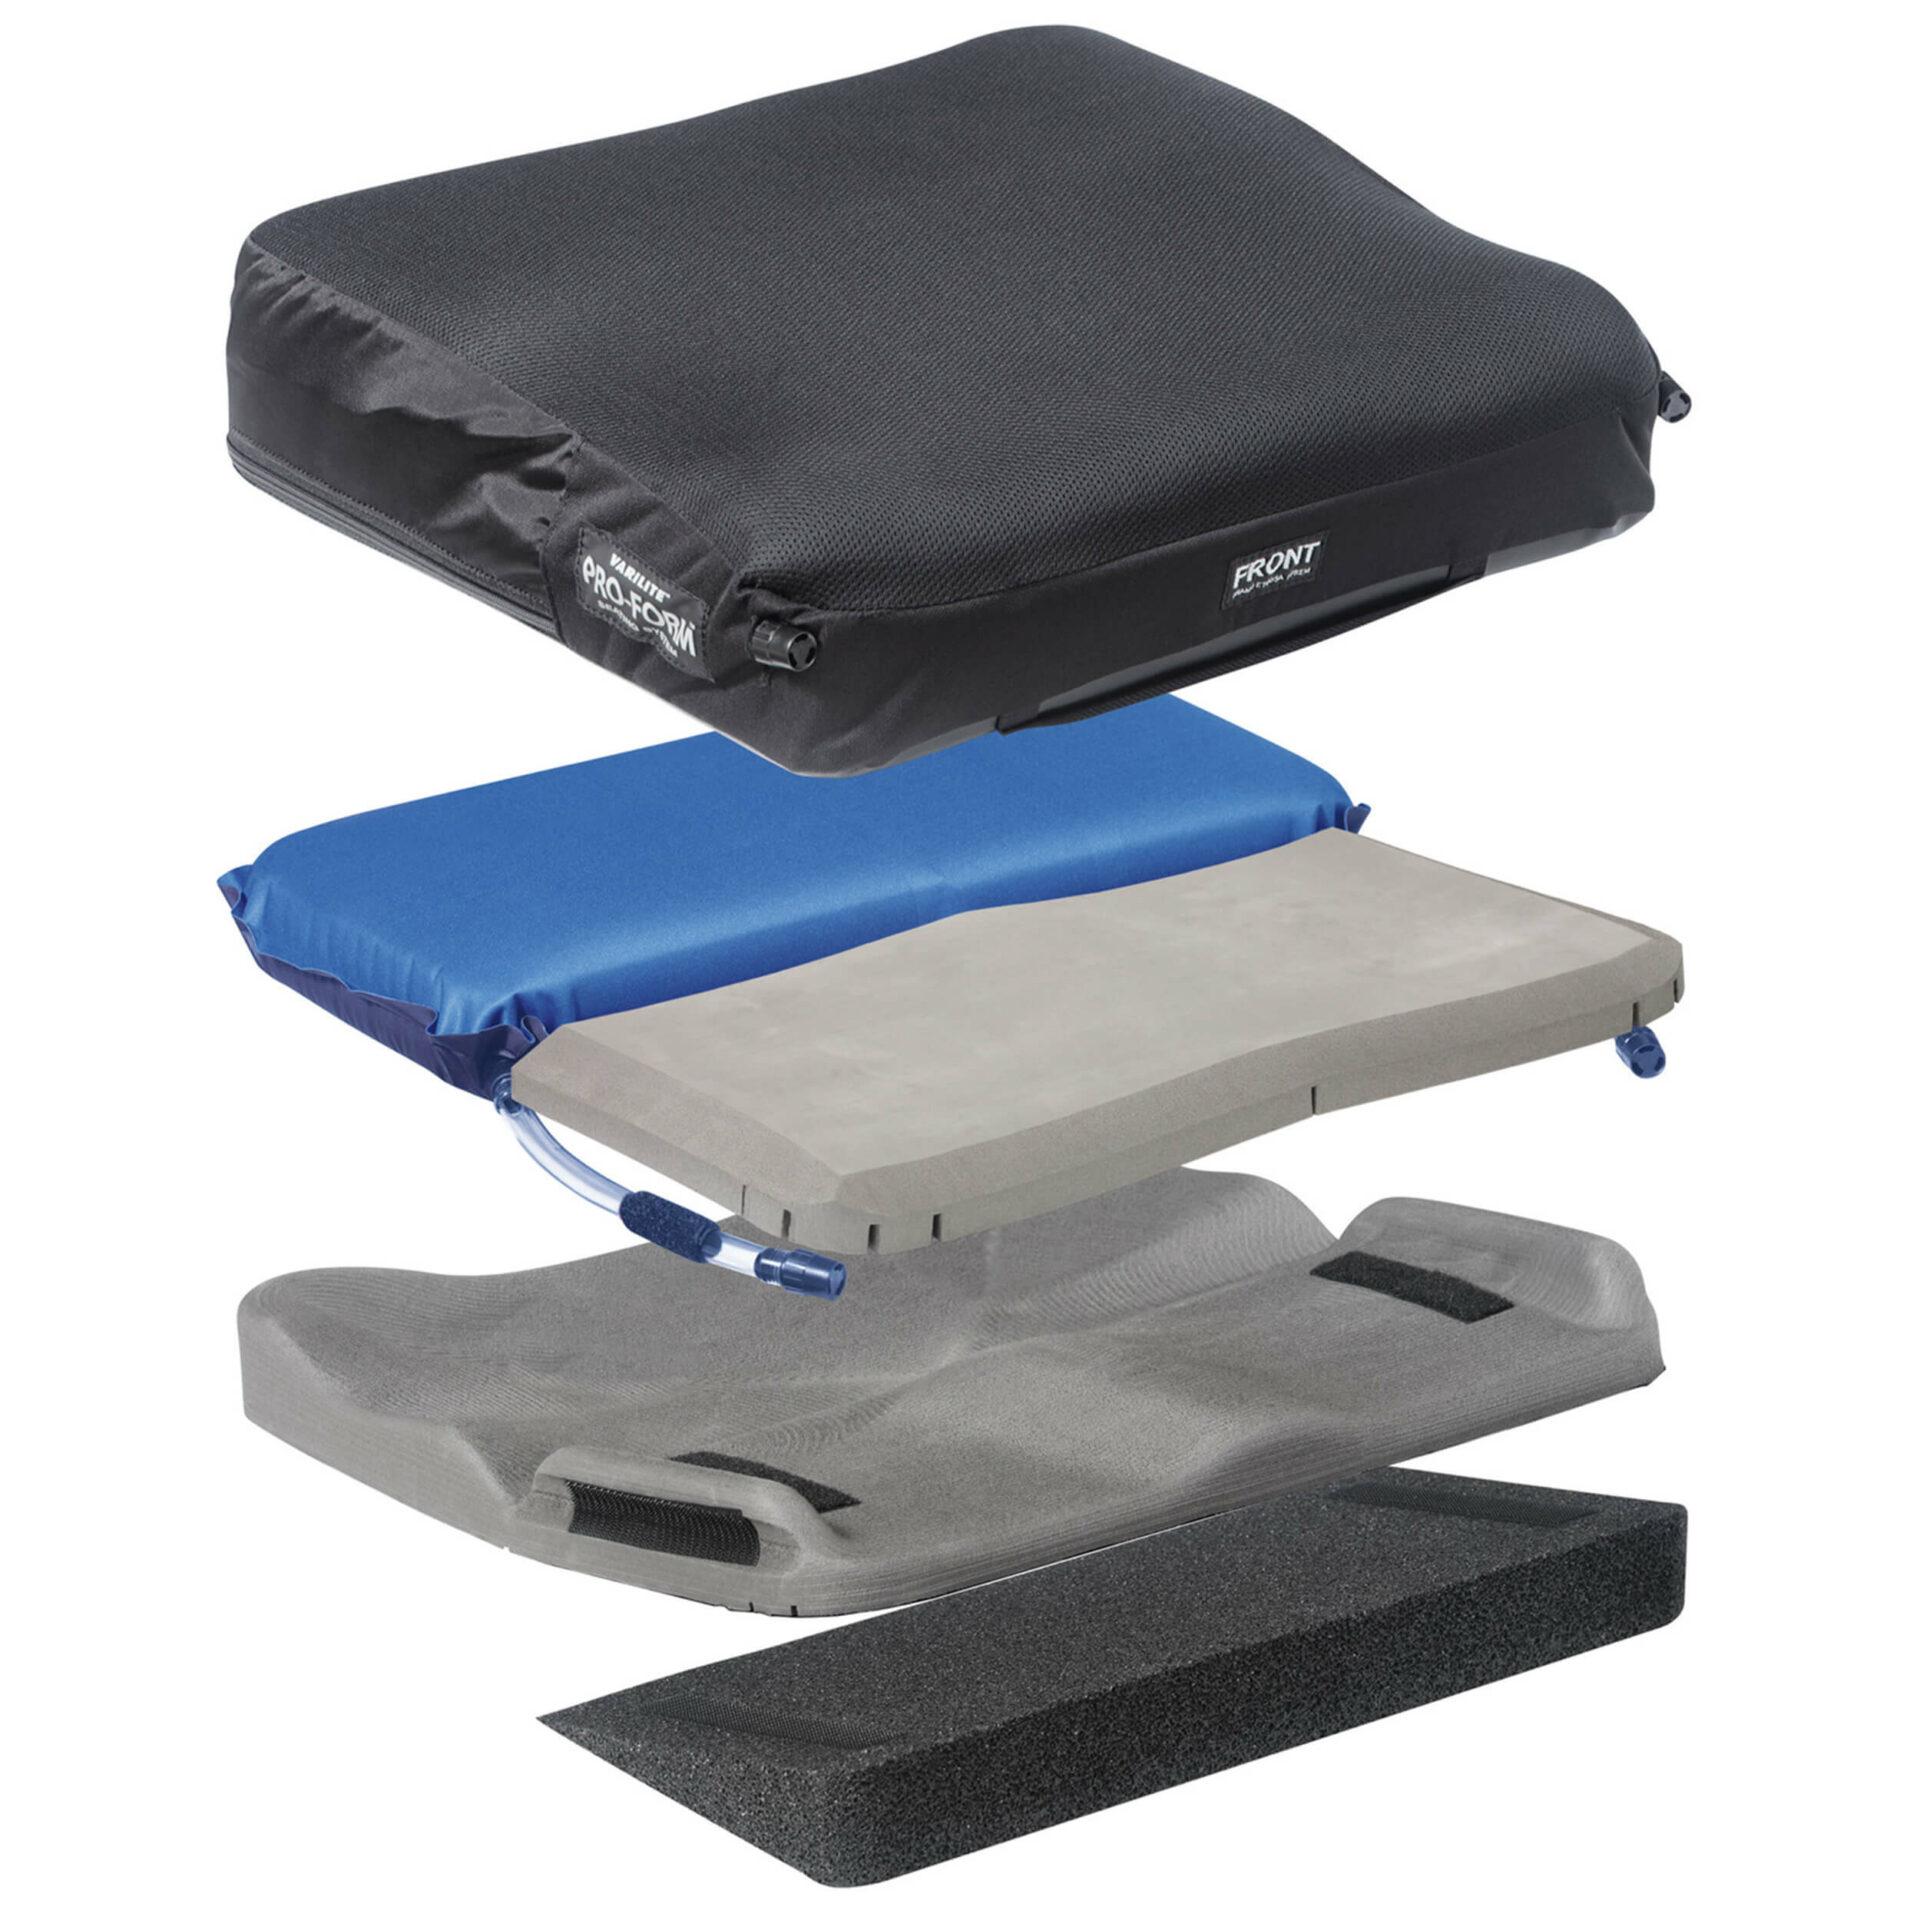 Customisable wheelchair cushion